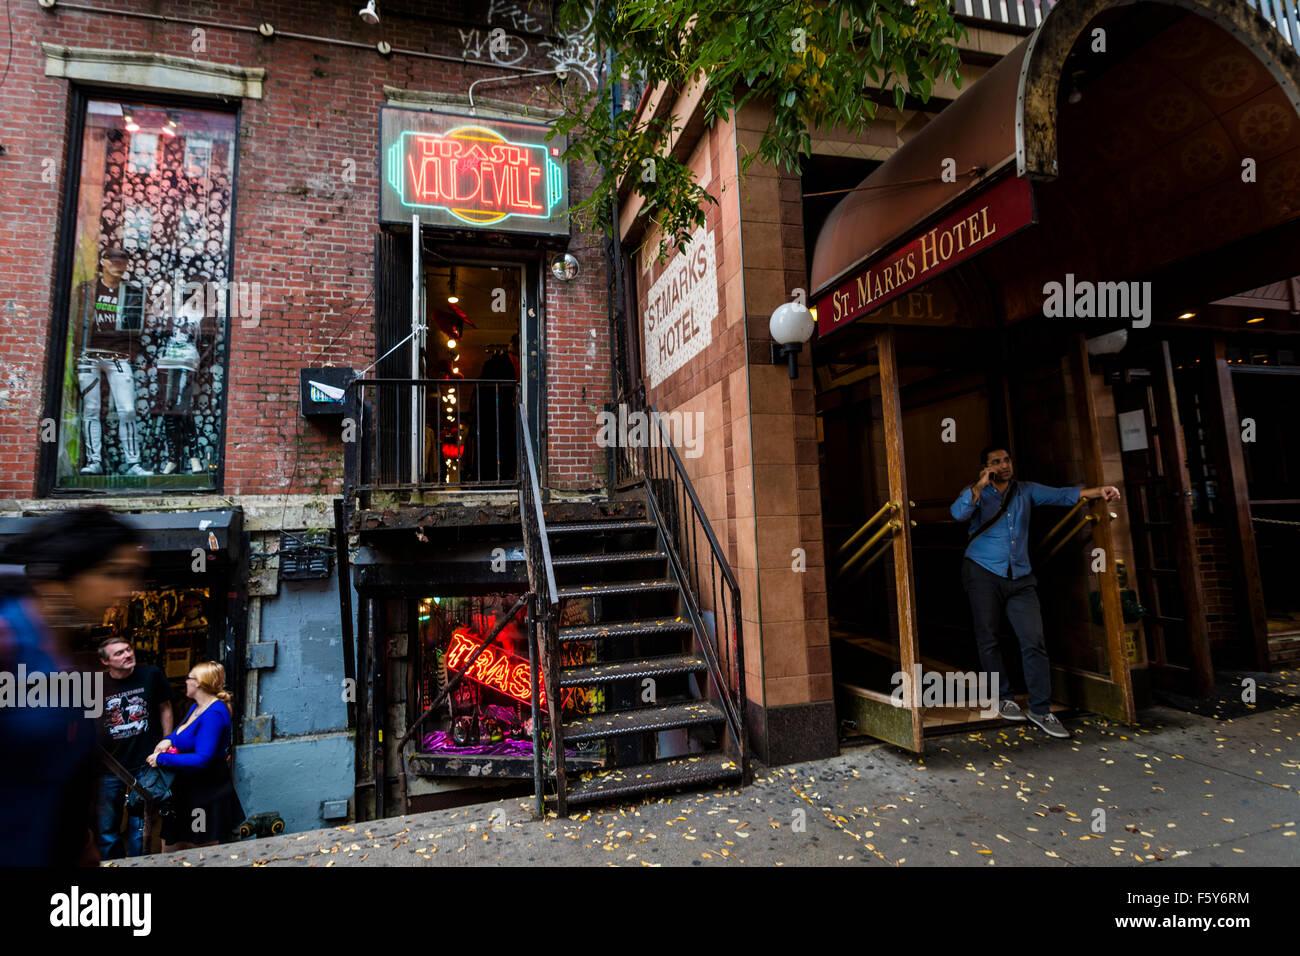 new-york-ny-6-nov-2015-trash-and-vaudevi